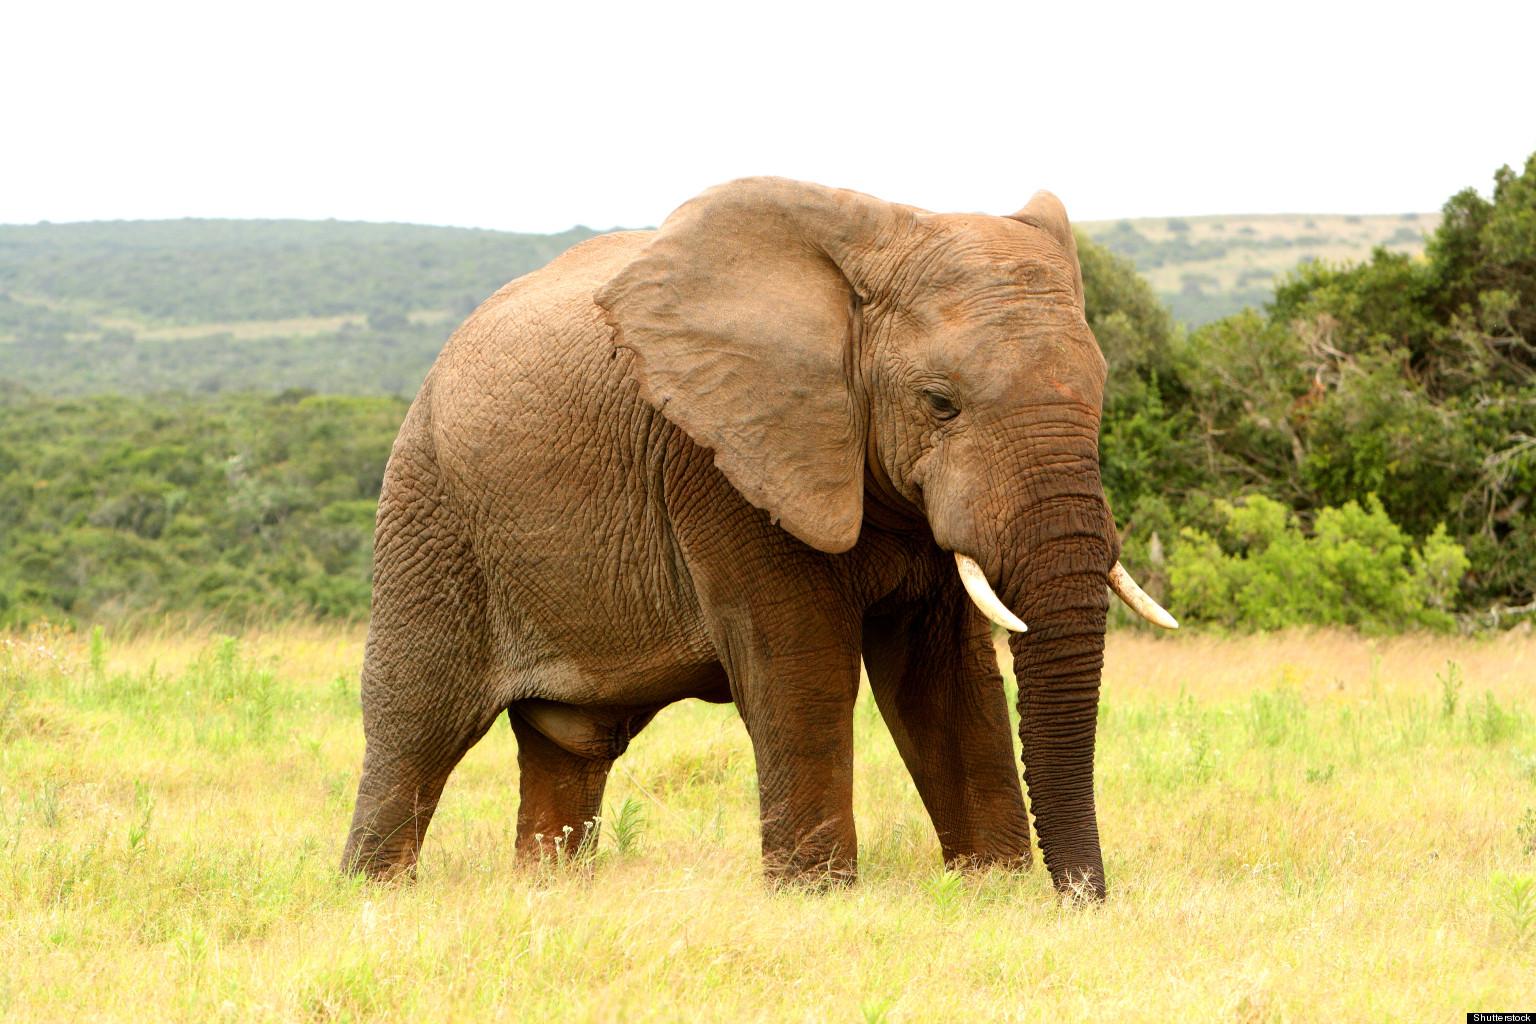 Elephant Gets Ultimate Revenge On Poacher